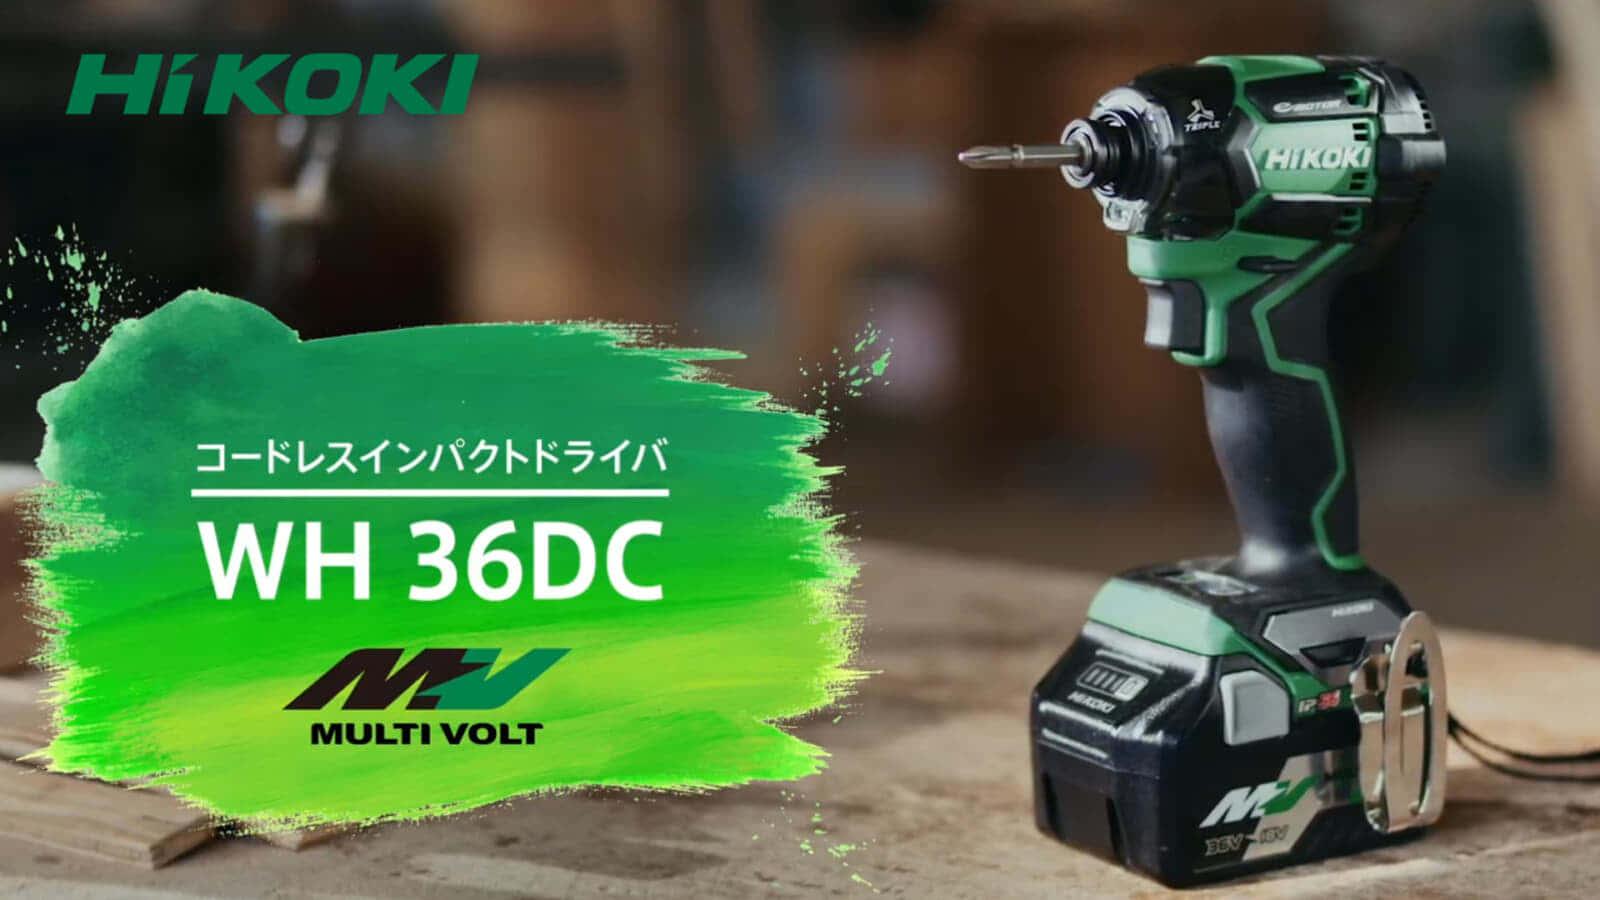 HiKOKI WH36DC インパクトドライバ、軸ブレ解消・最短ヘッド・Bluetooth全部入りインパクト